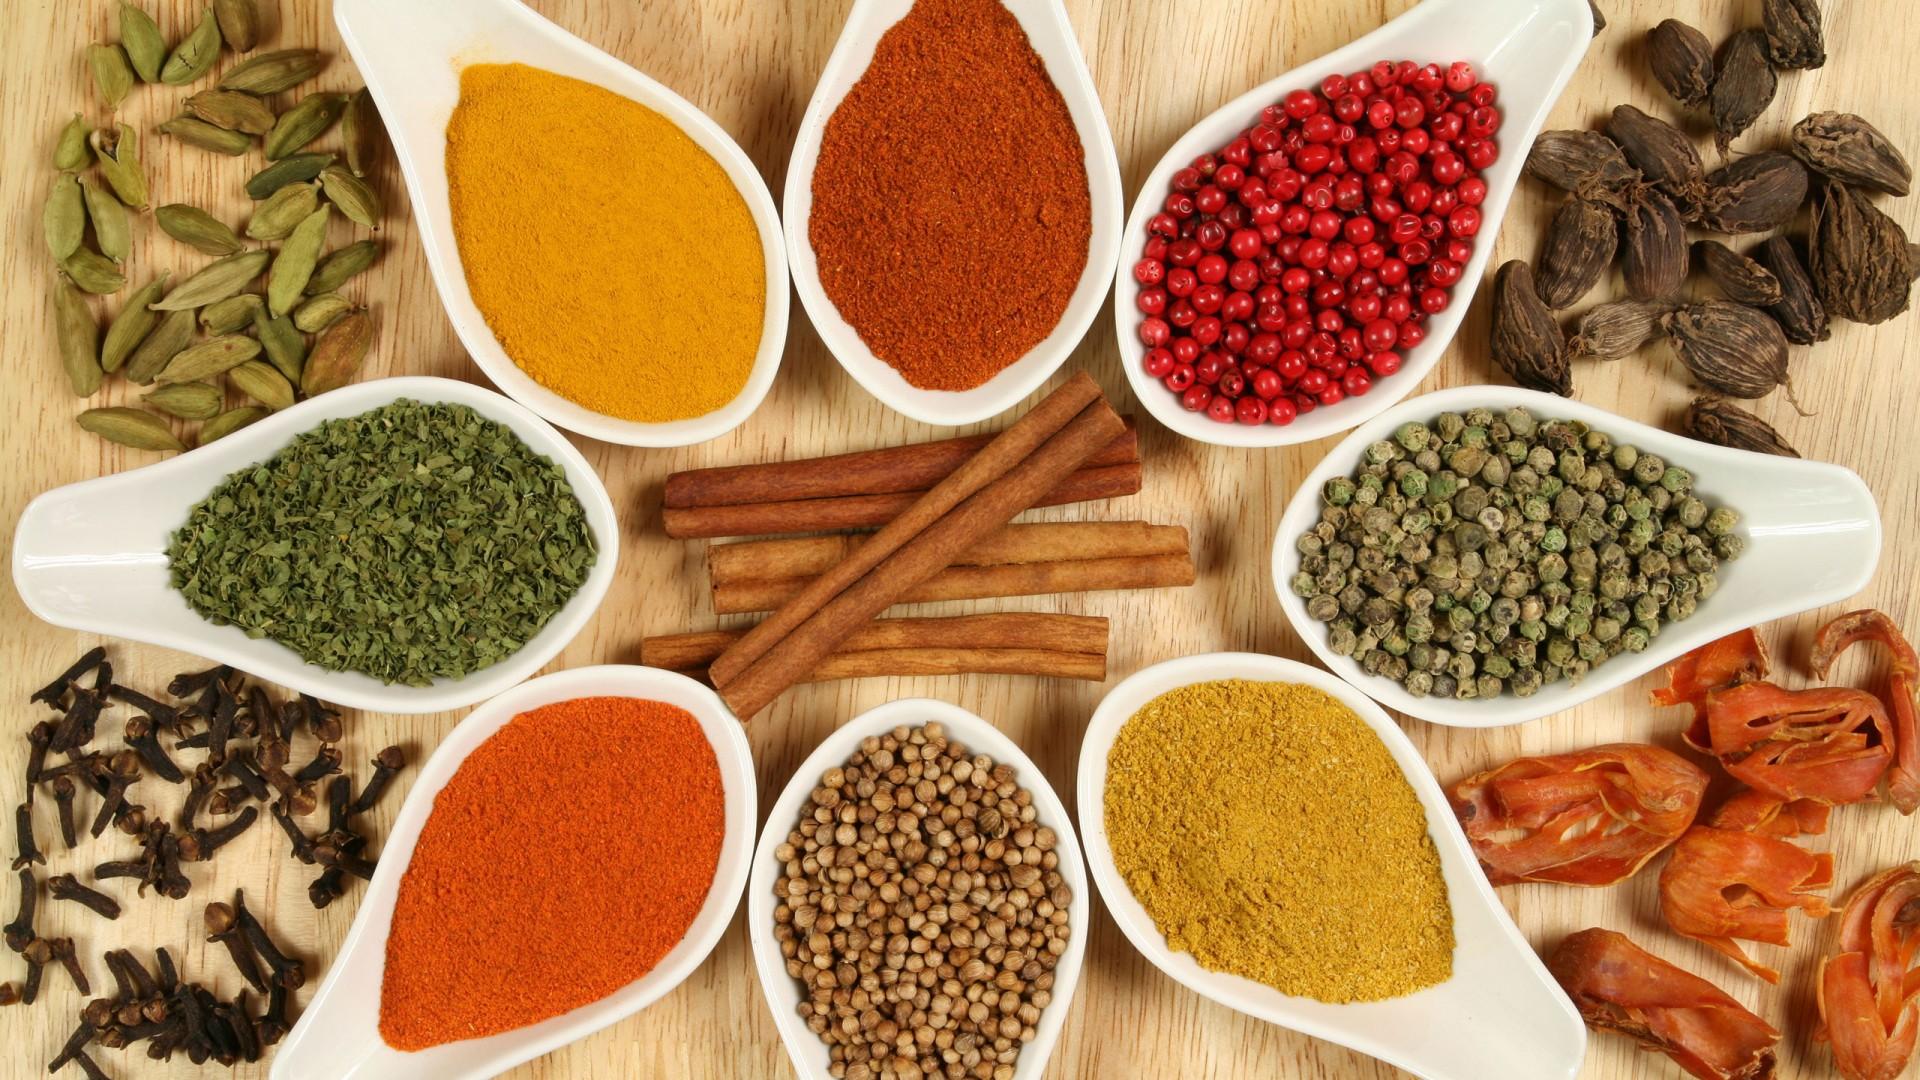 cucina etnica: donatella dal maso ci aiuta a capirla meglio - Cucina Etnica Ricette